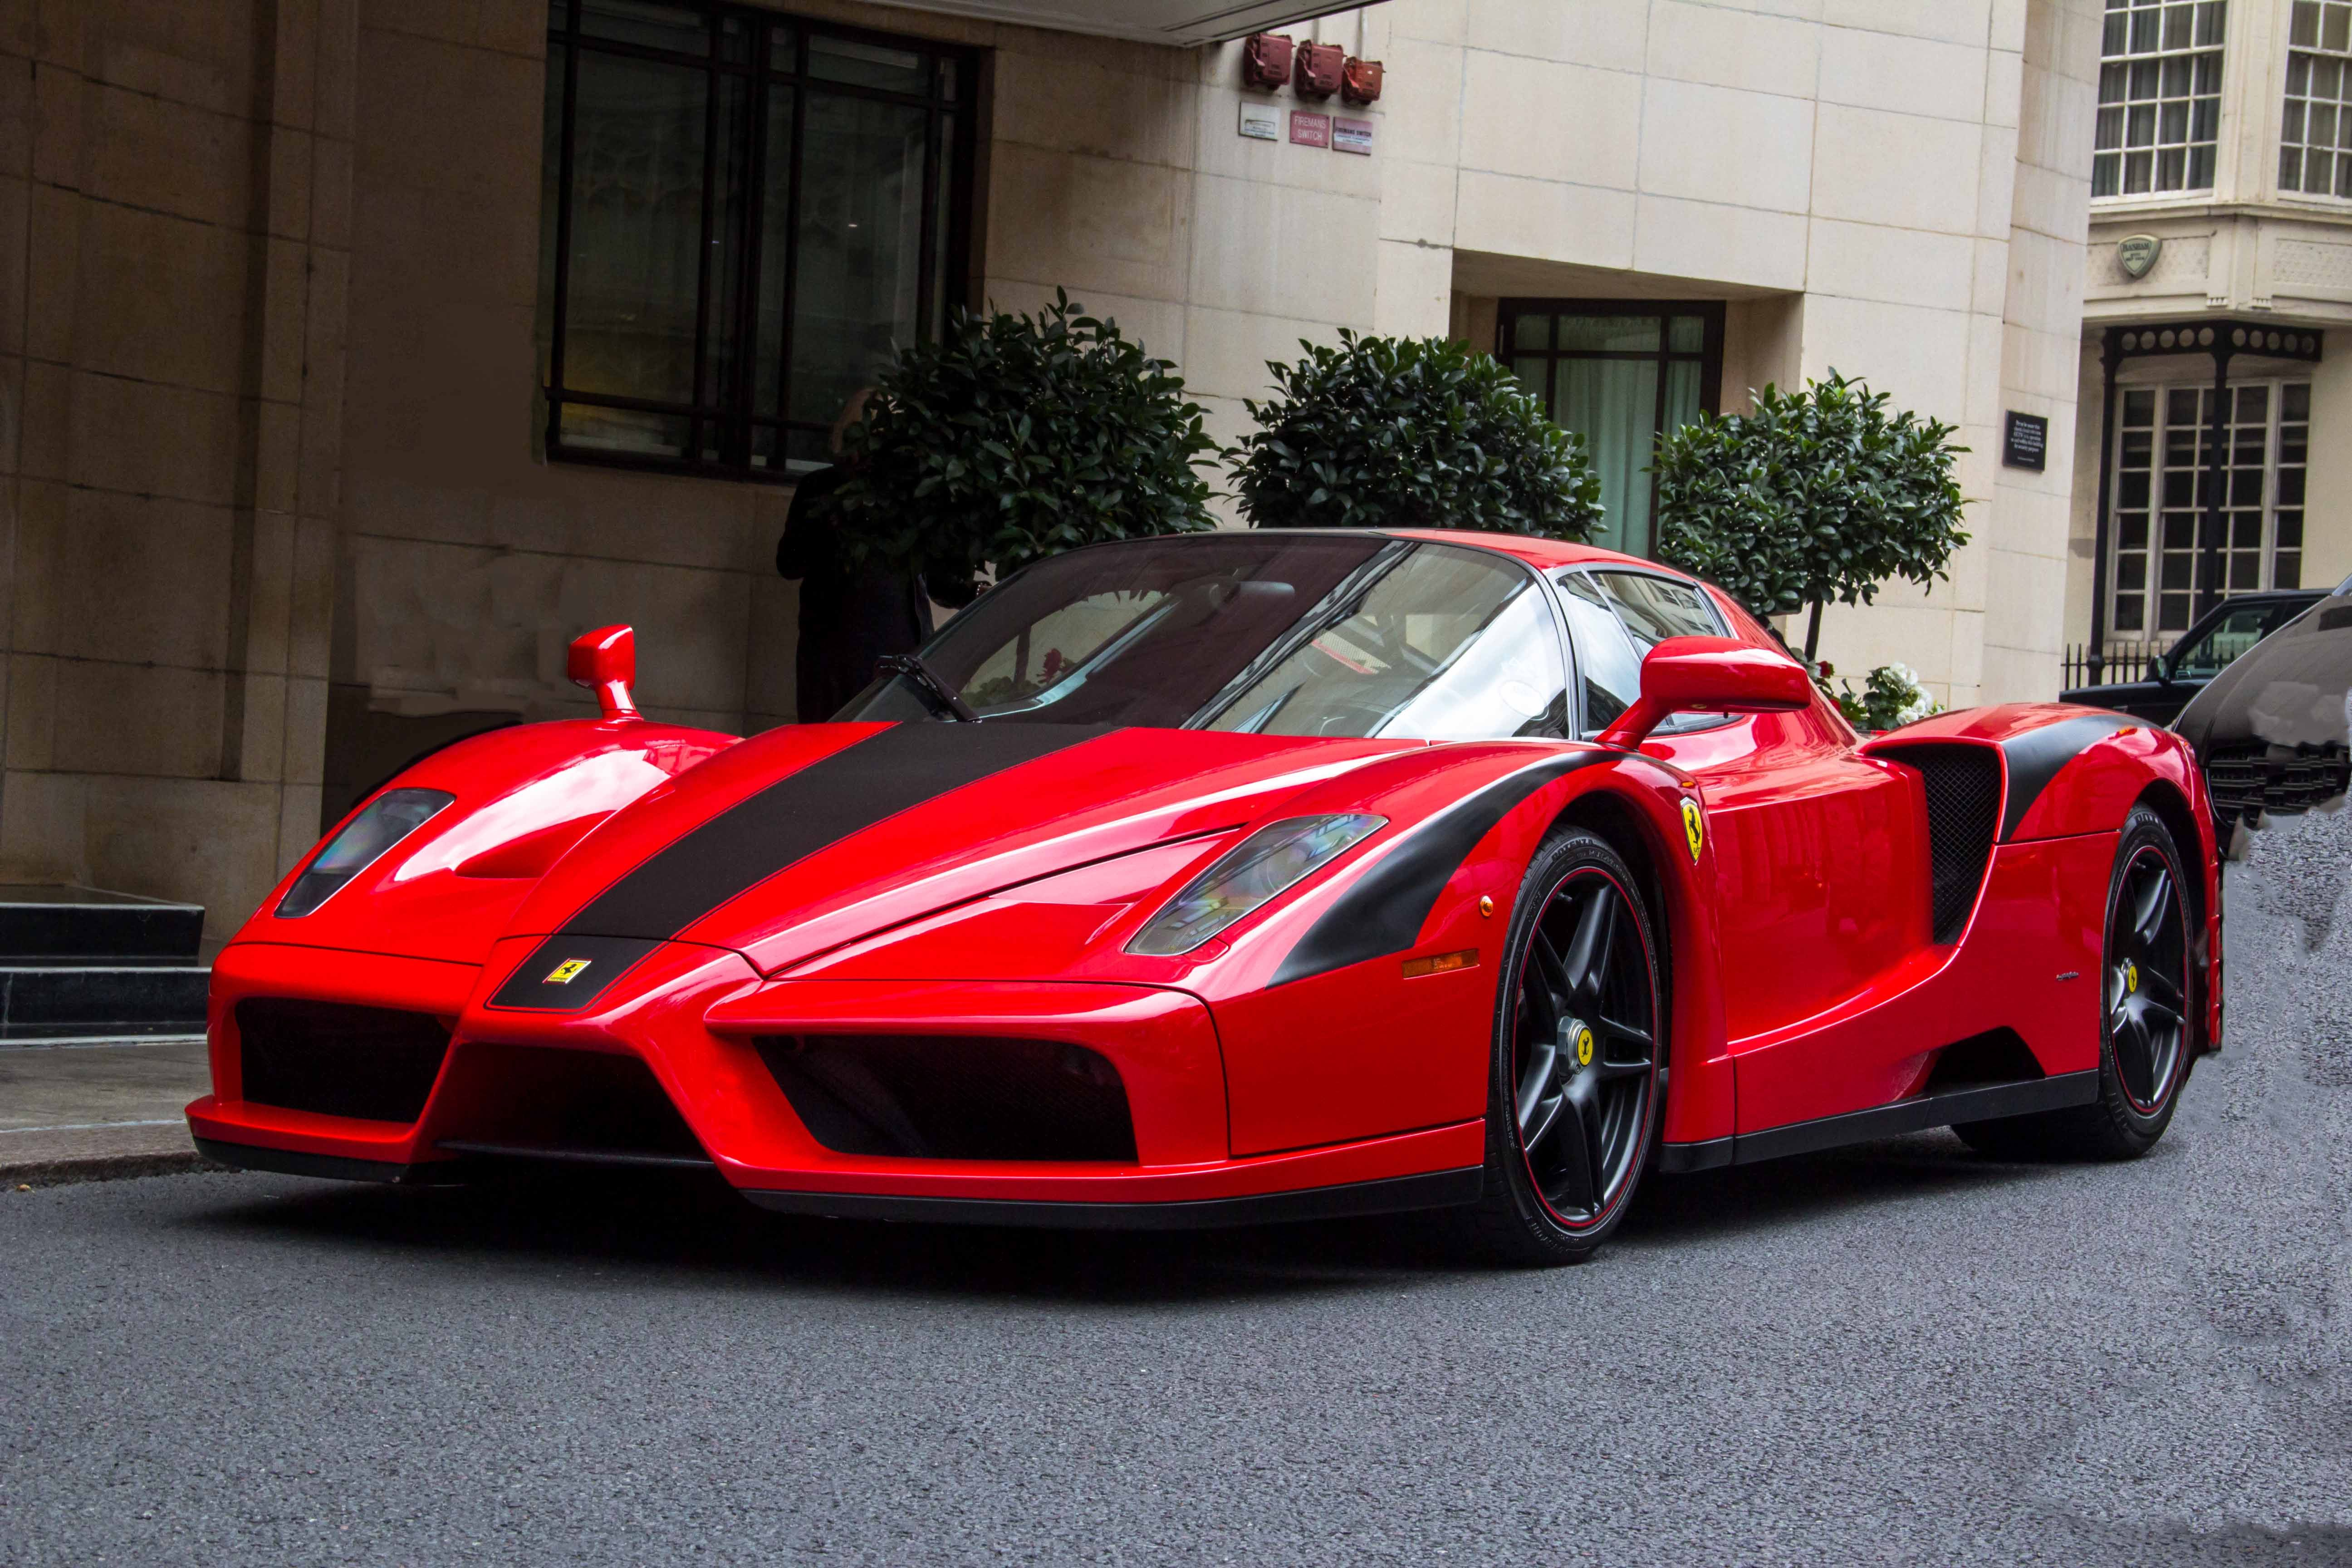 Ferrari Automobile Cool Image Auto S Motoren Sportwagens Ferrari